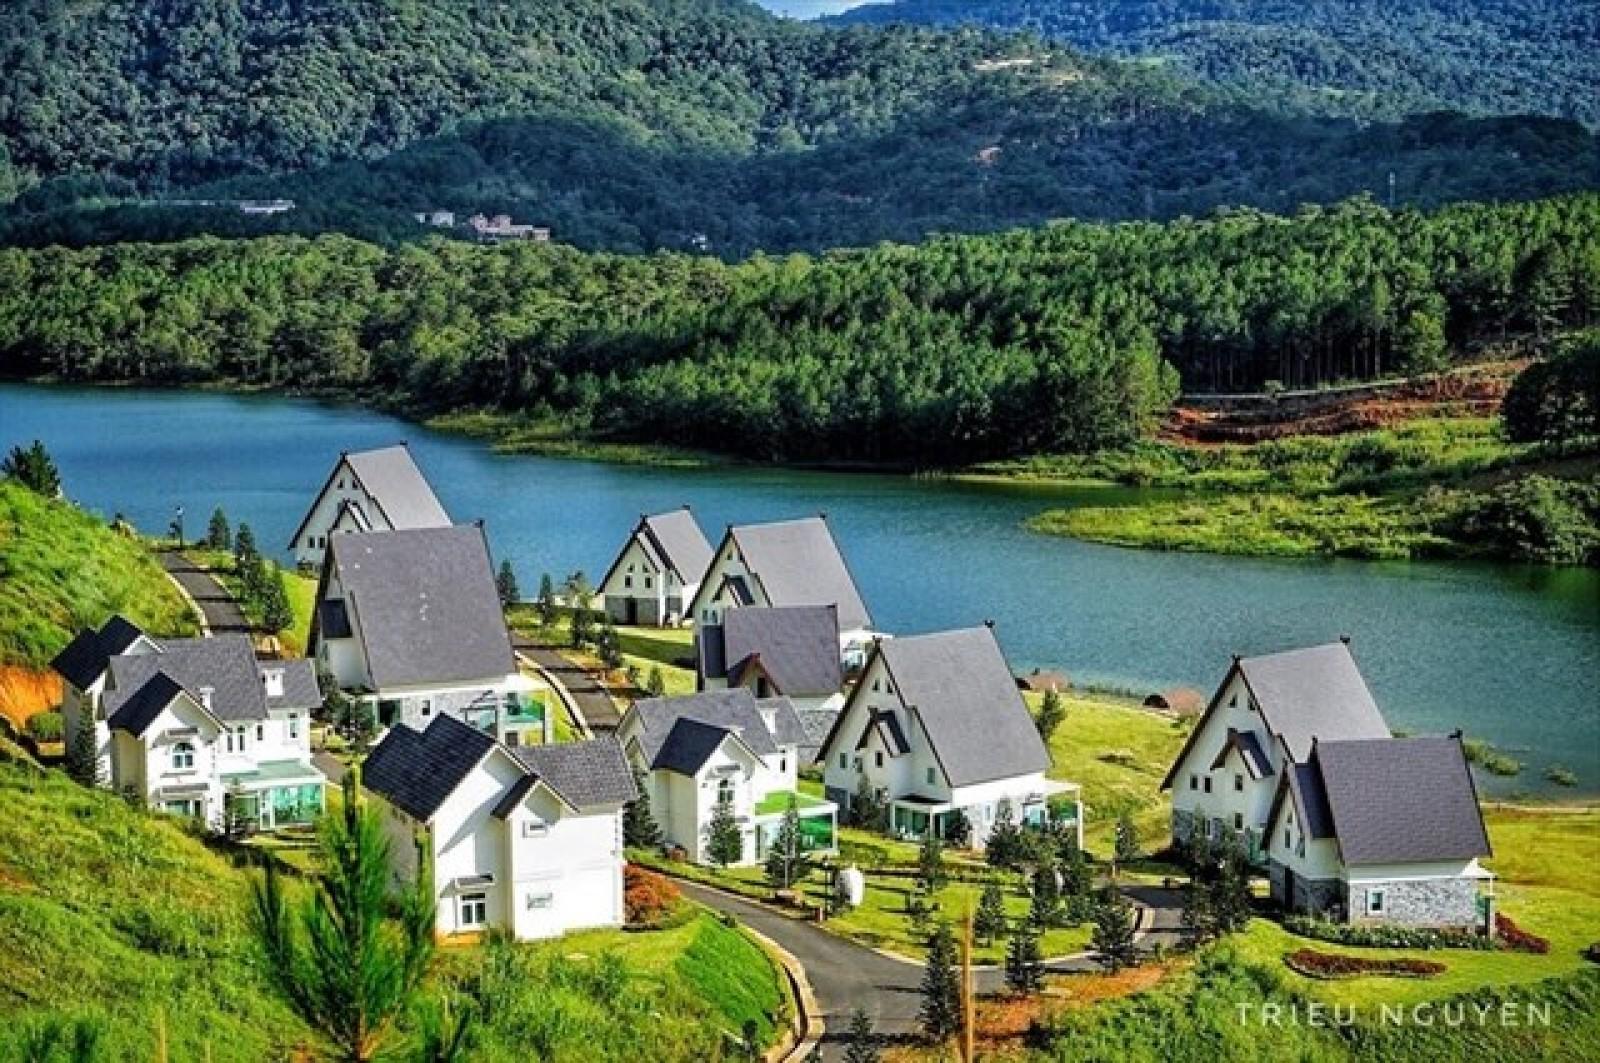 Hà Nội – Đà Lạt tại Wonder Resort tiêu chuẩn 4 sao